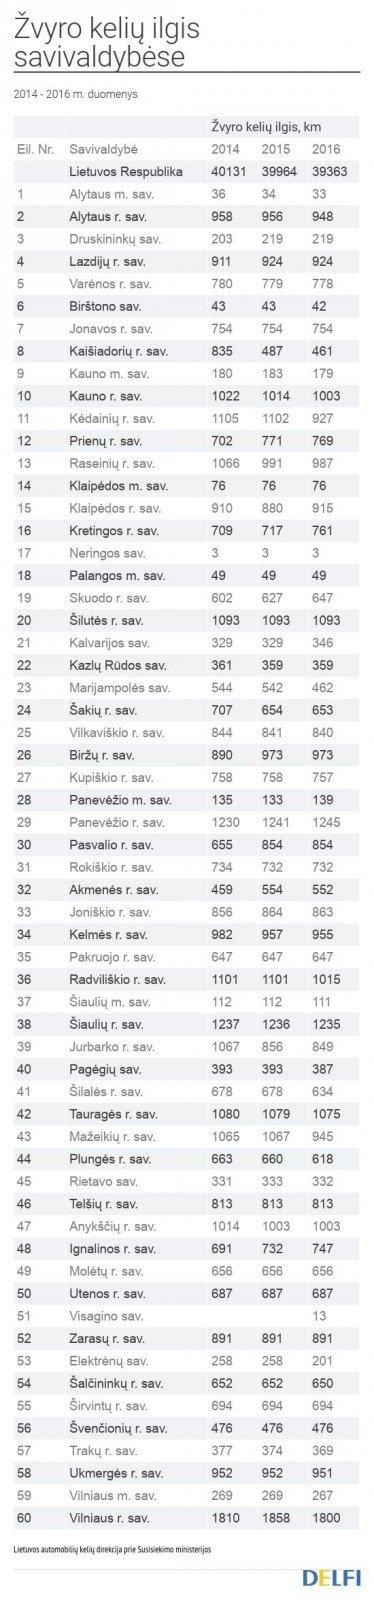 Žvyro kelių ilgis savivaldybėse 2014 - 2016 metais